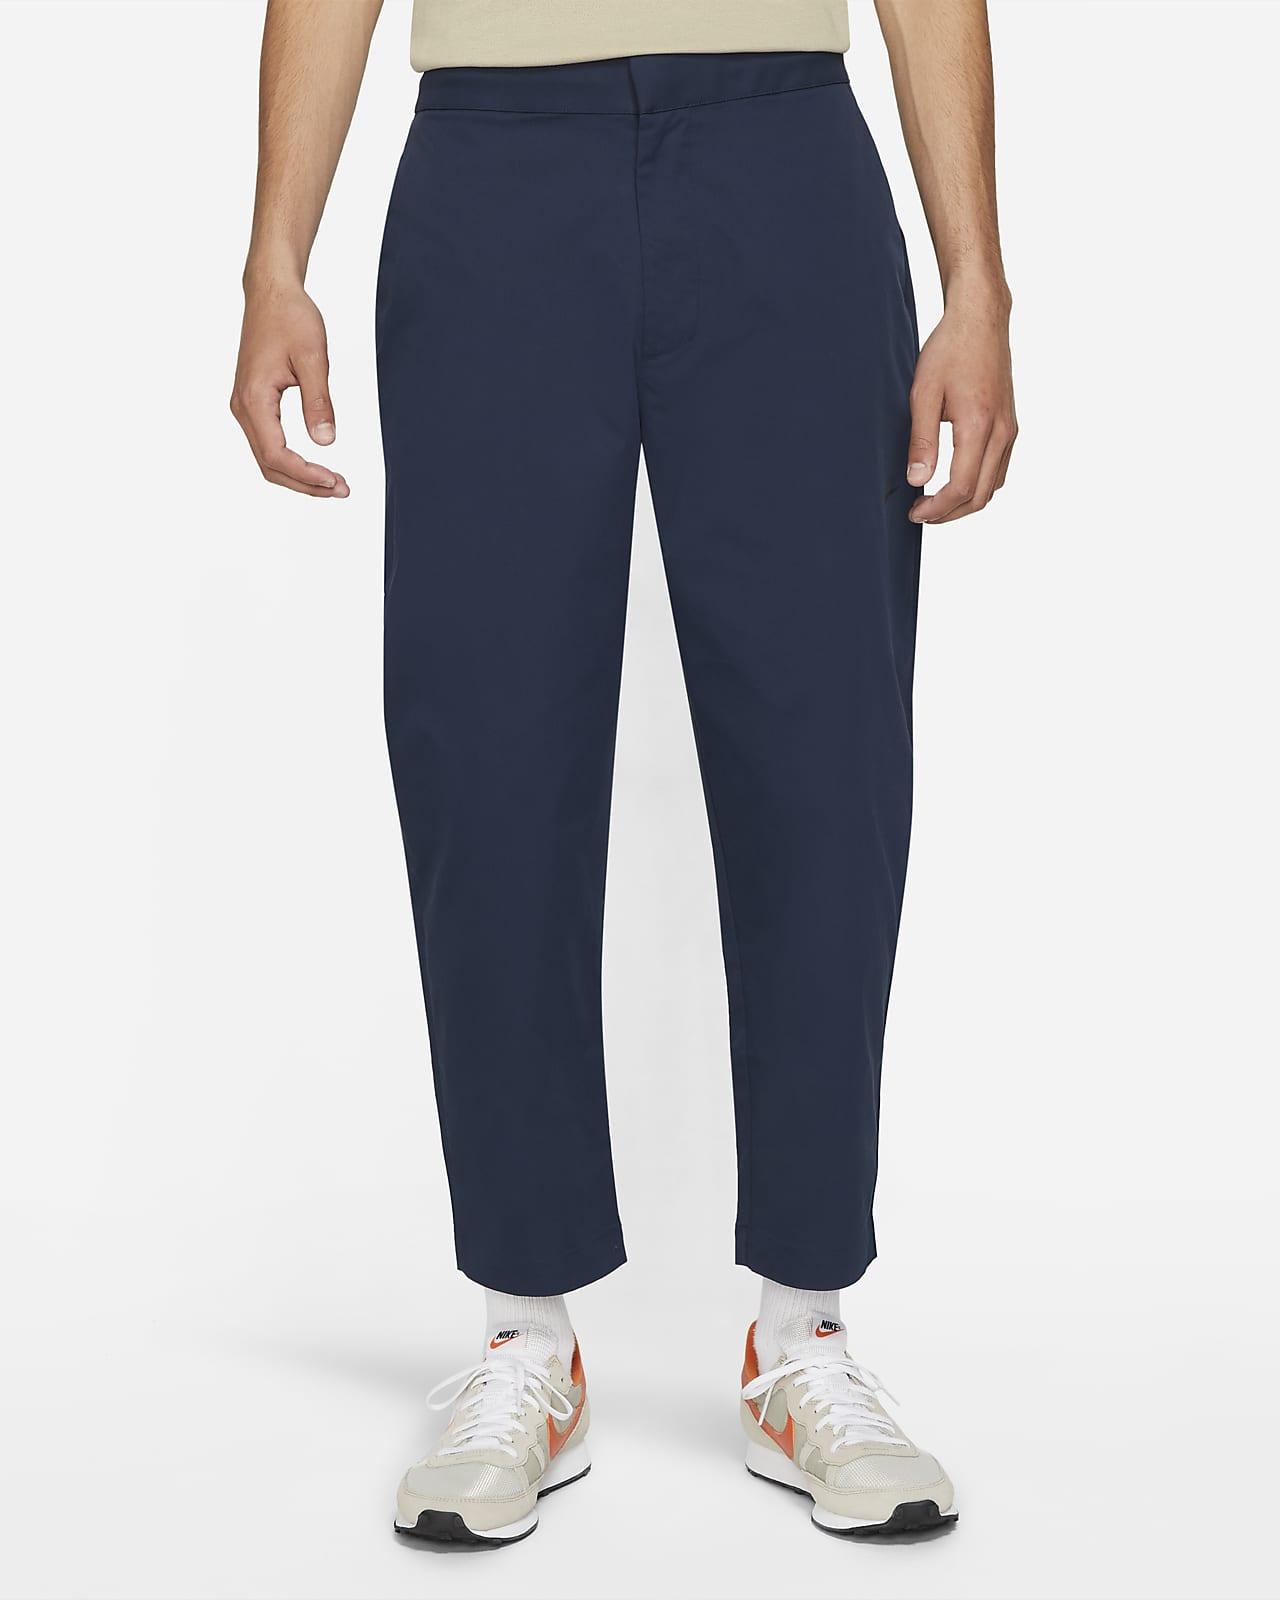 Nike Sportswear Style Essentials Men's Woven Unlined Sneaker Pants